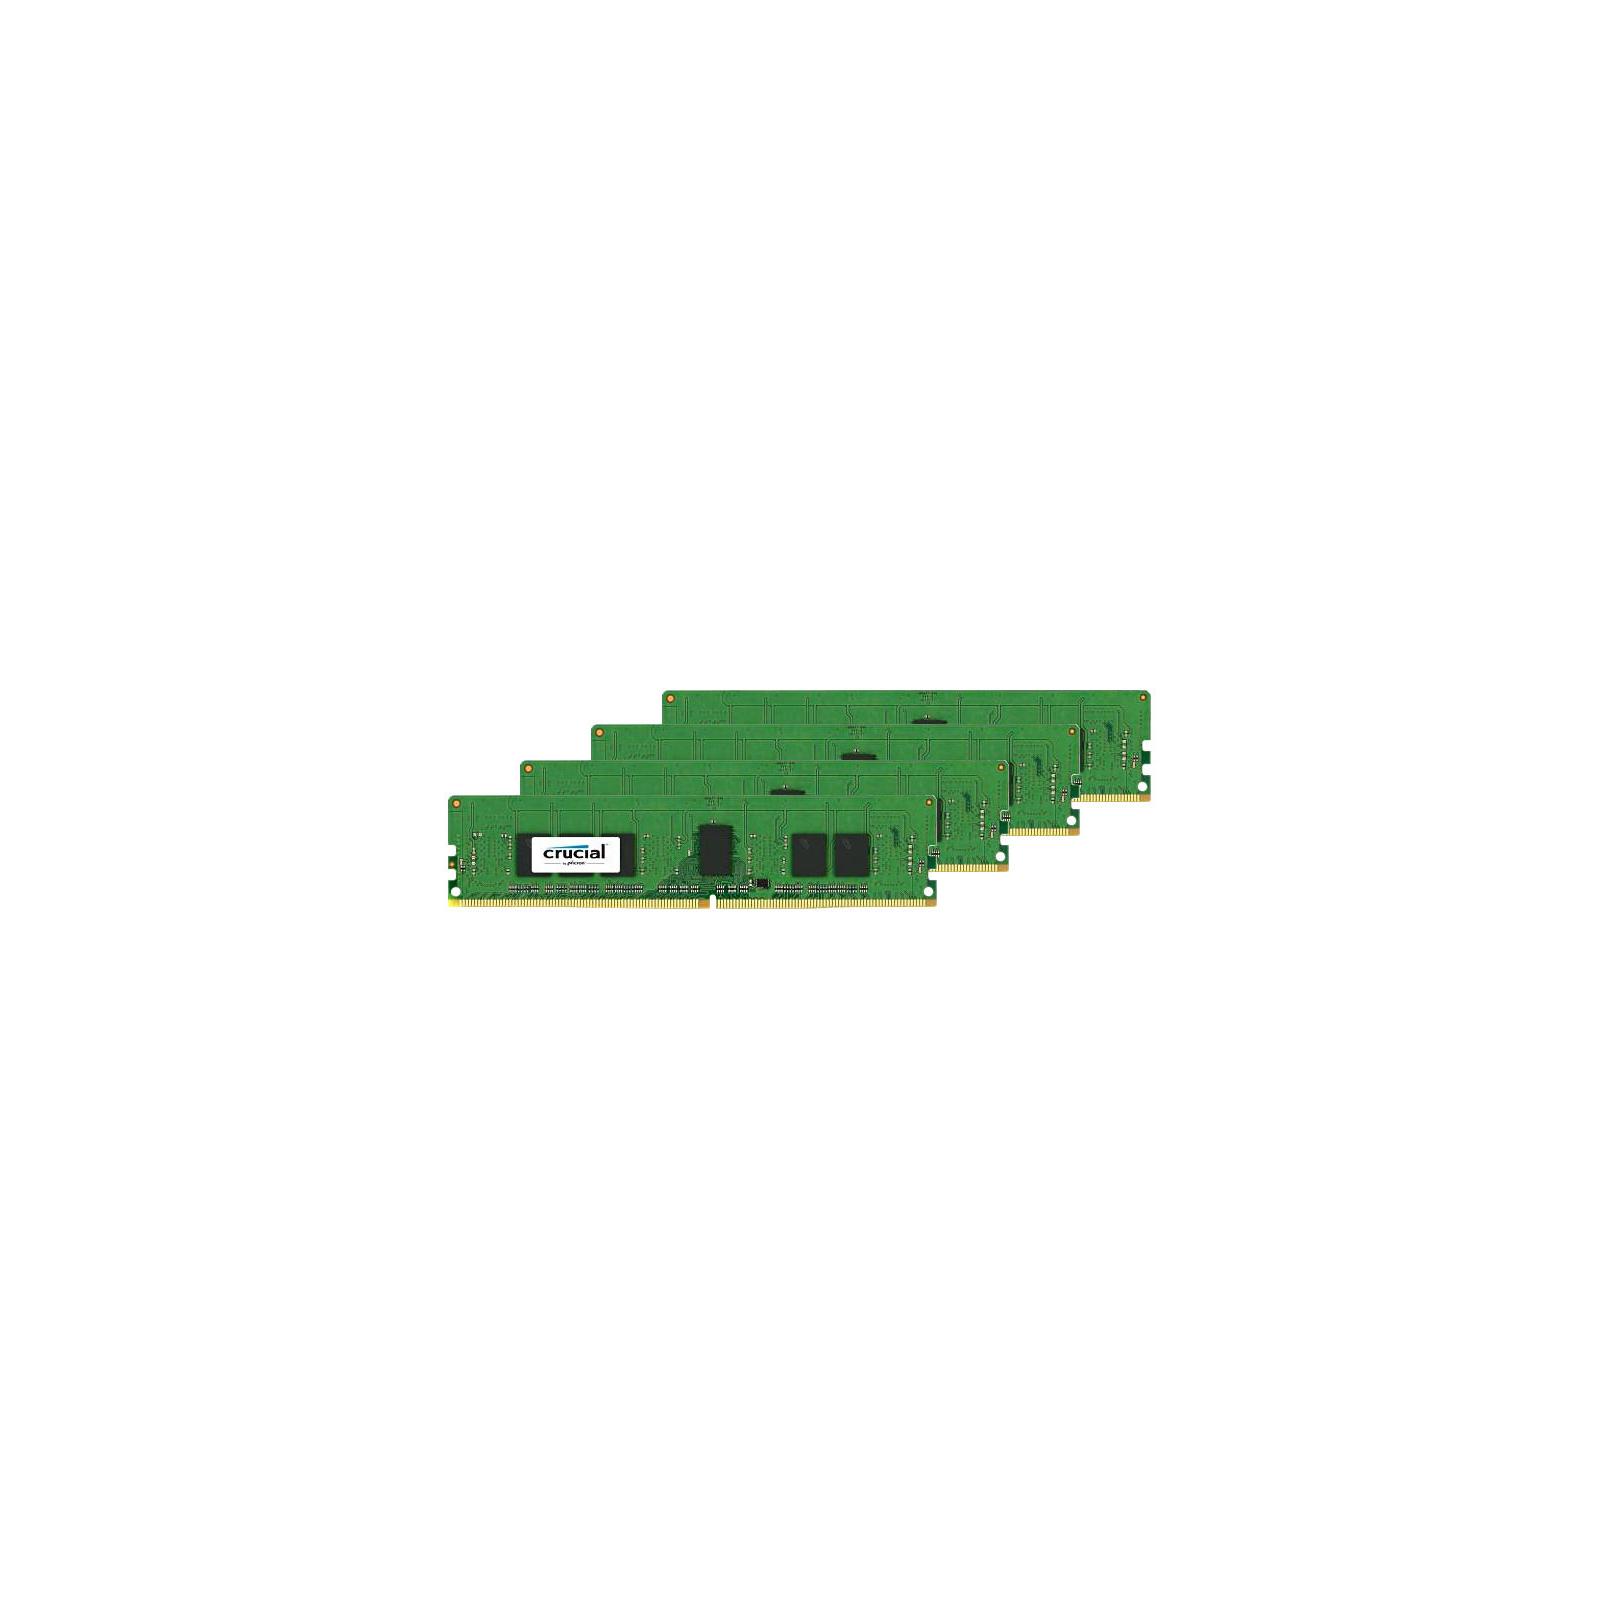 Модуль памяти для компьютера DDR4 32GB (4x8GB) 2400 MHz MICRON (CT4K8G4DFS824A)